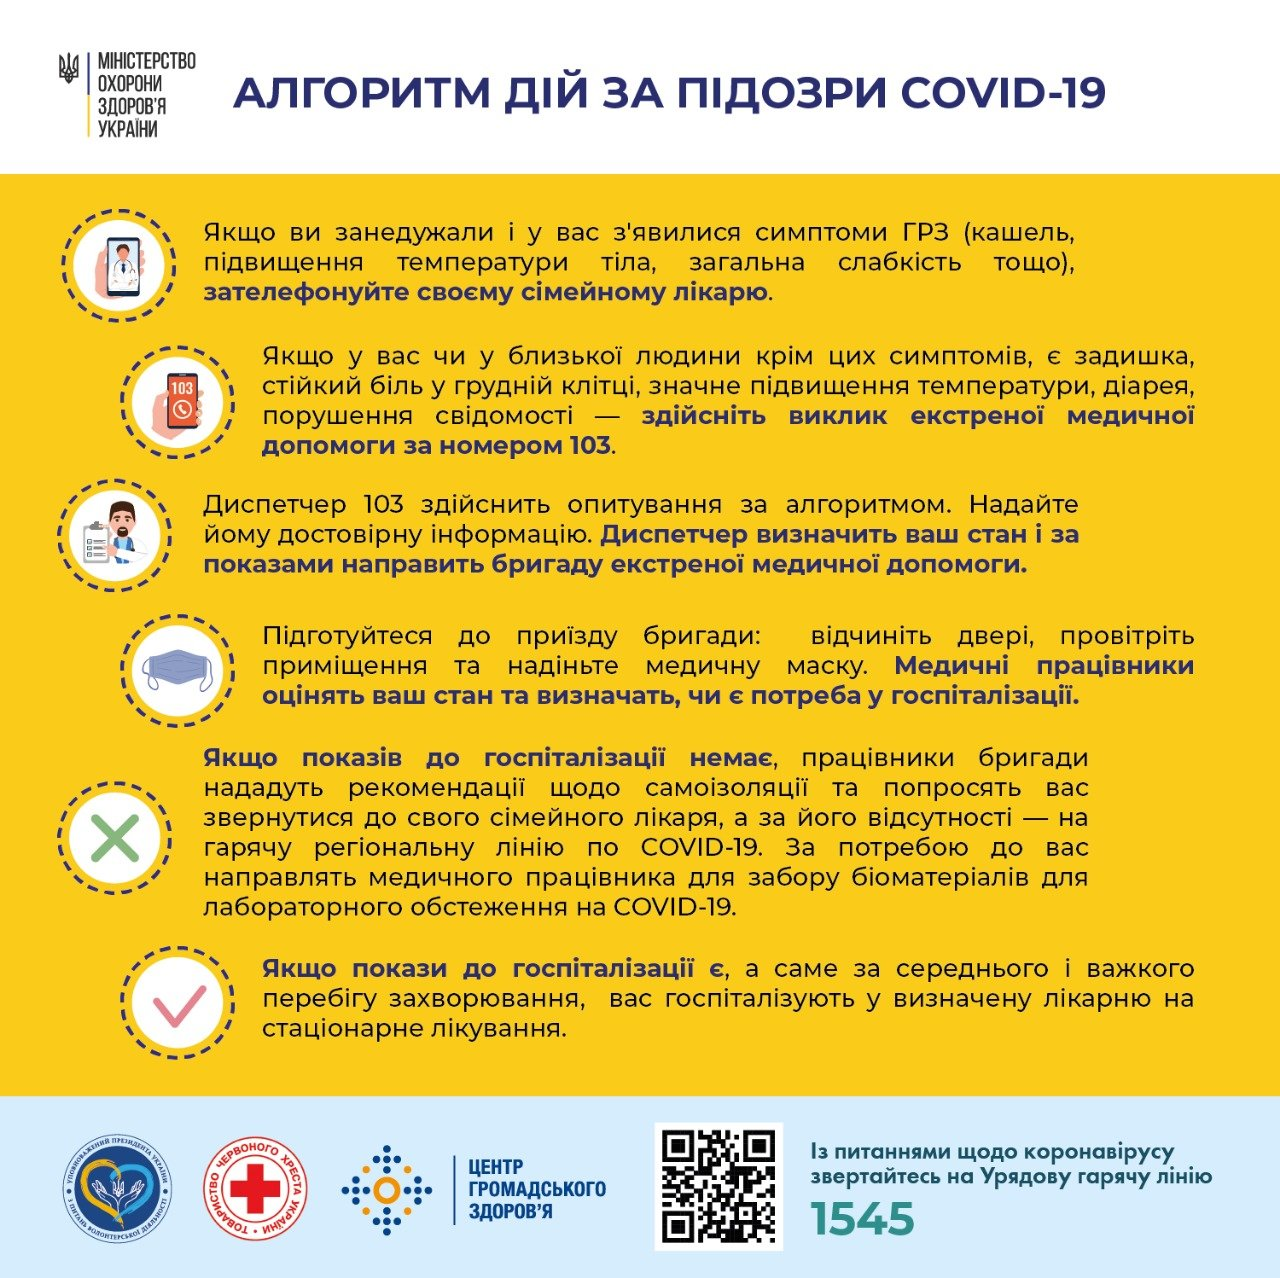 Що робити, якщо у вас підтвердився COVID-19 - коронавірус - 43 algoritm dij za pidozri covid 19 5fabdc6e3d349